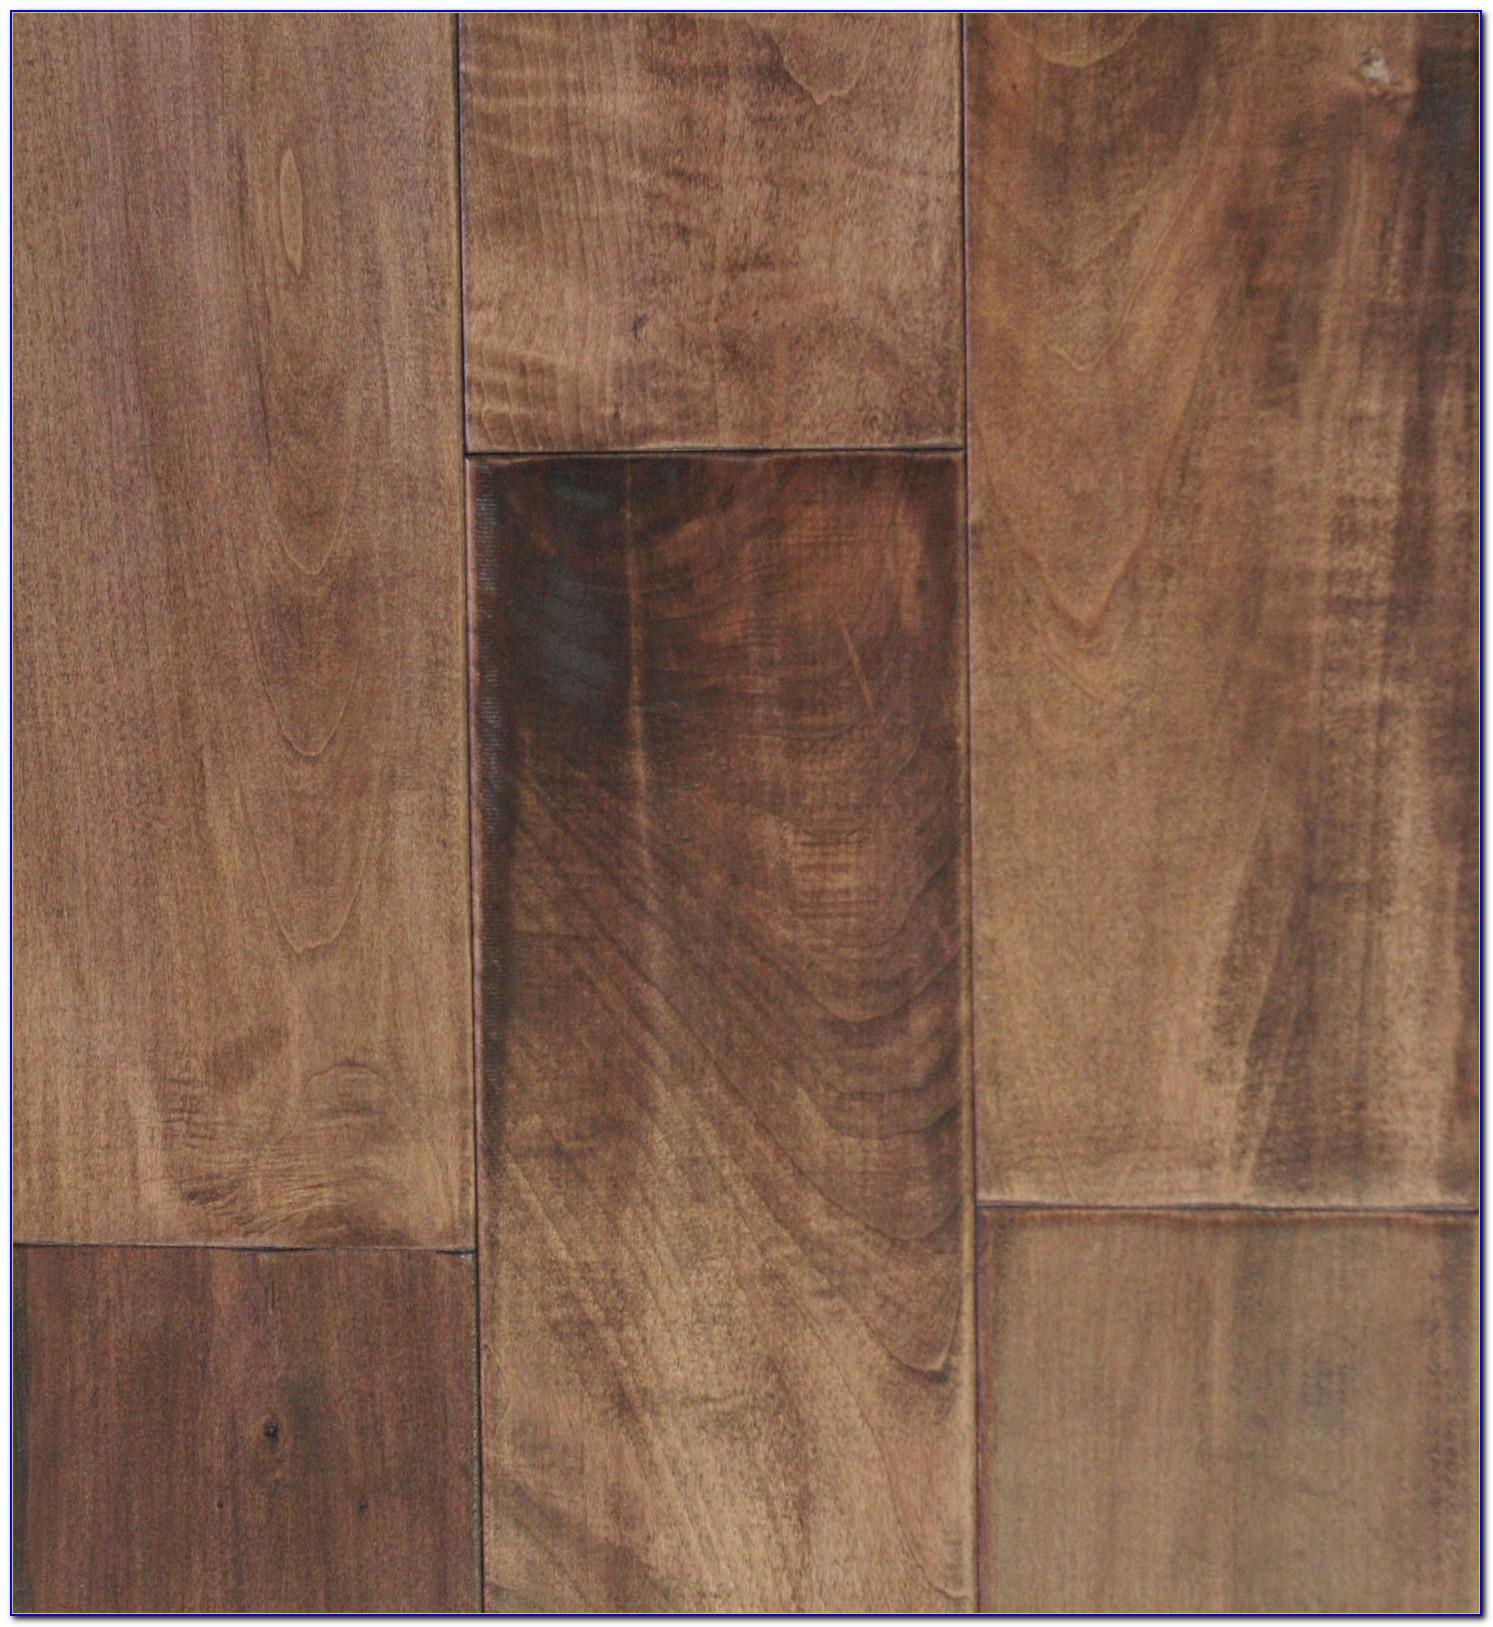 Cleaning Mohawk Engineered Hardwood Floors